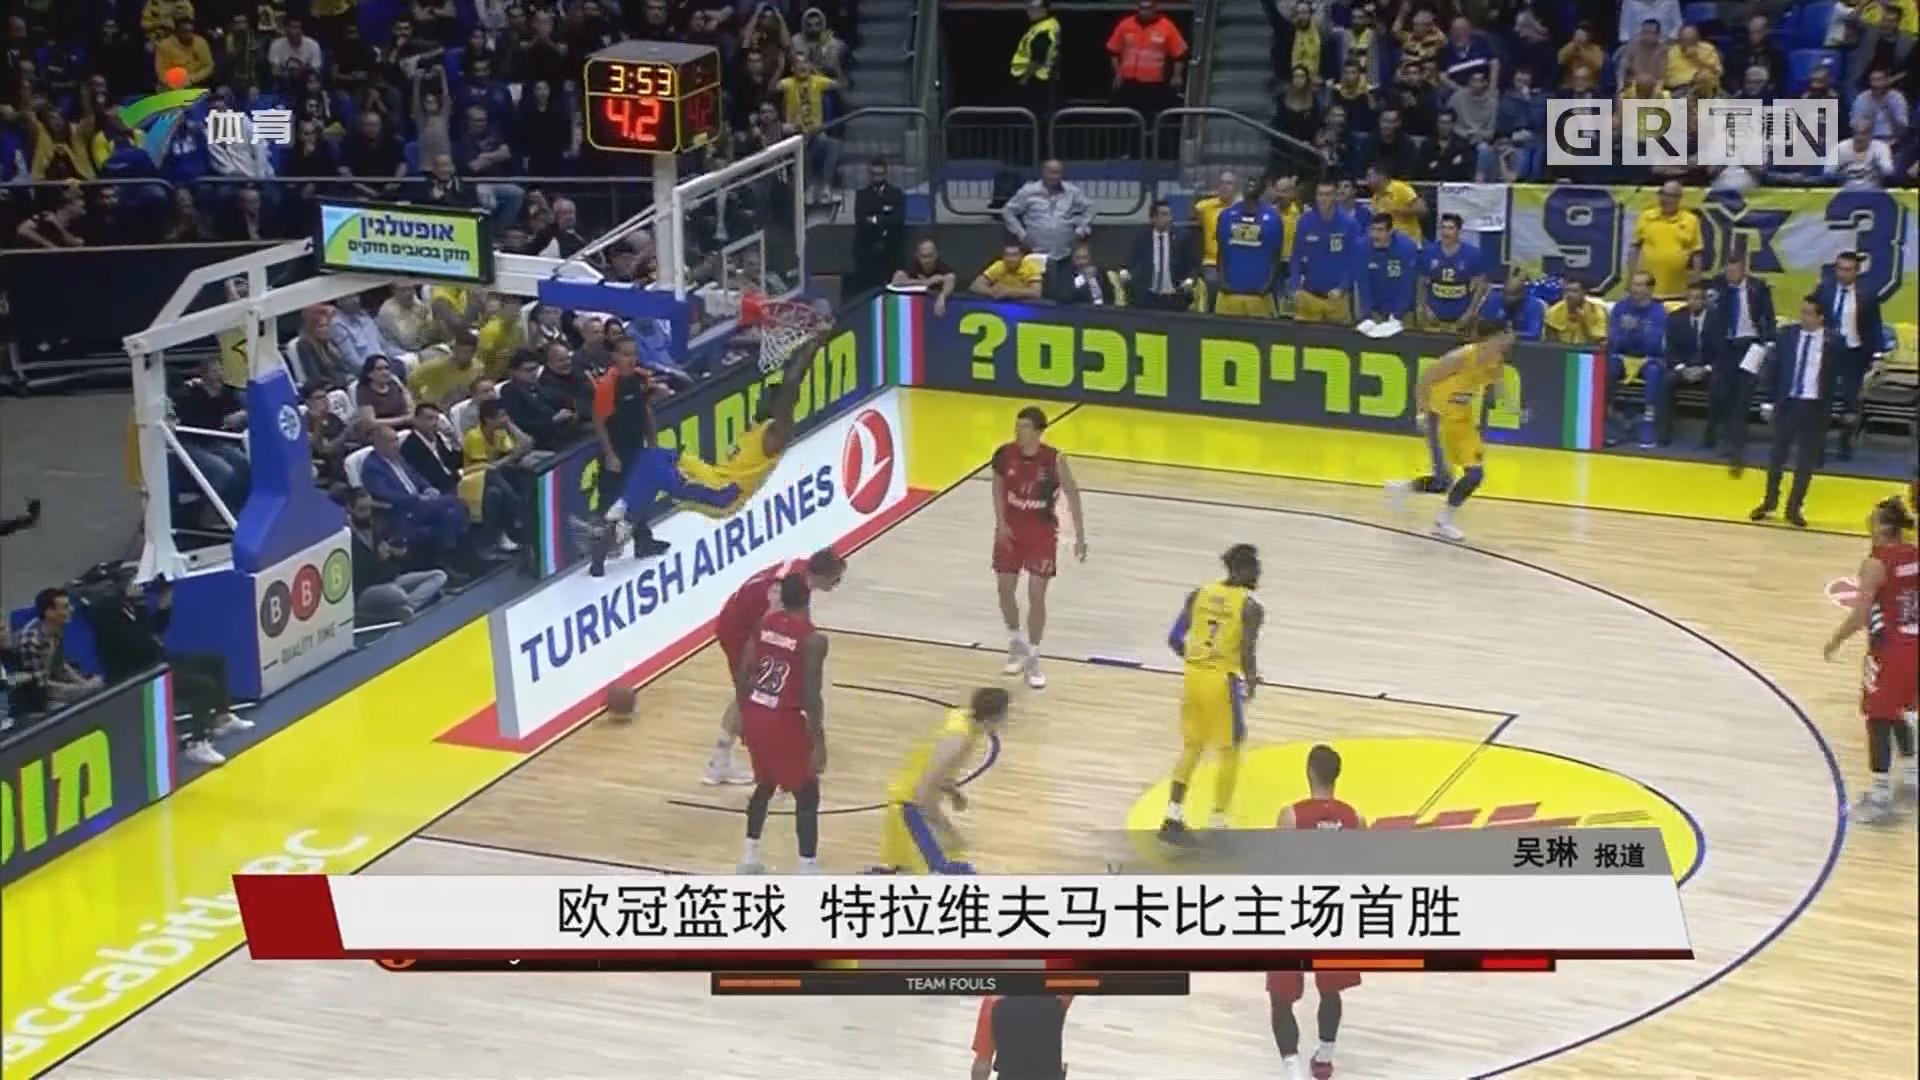 欧冠篮球 特拉维夫马卡比主场首胜